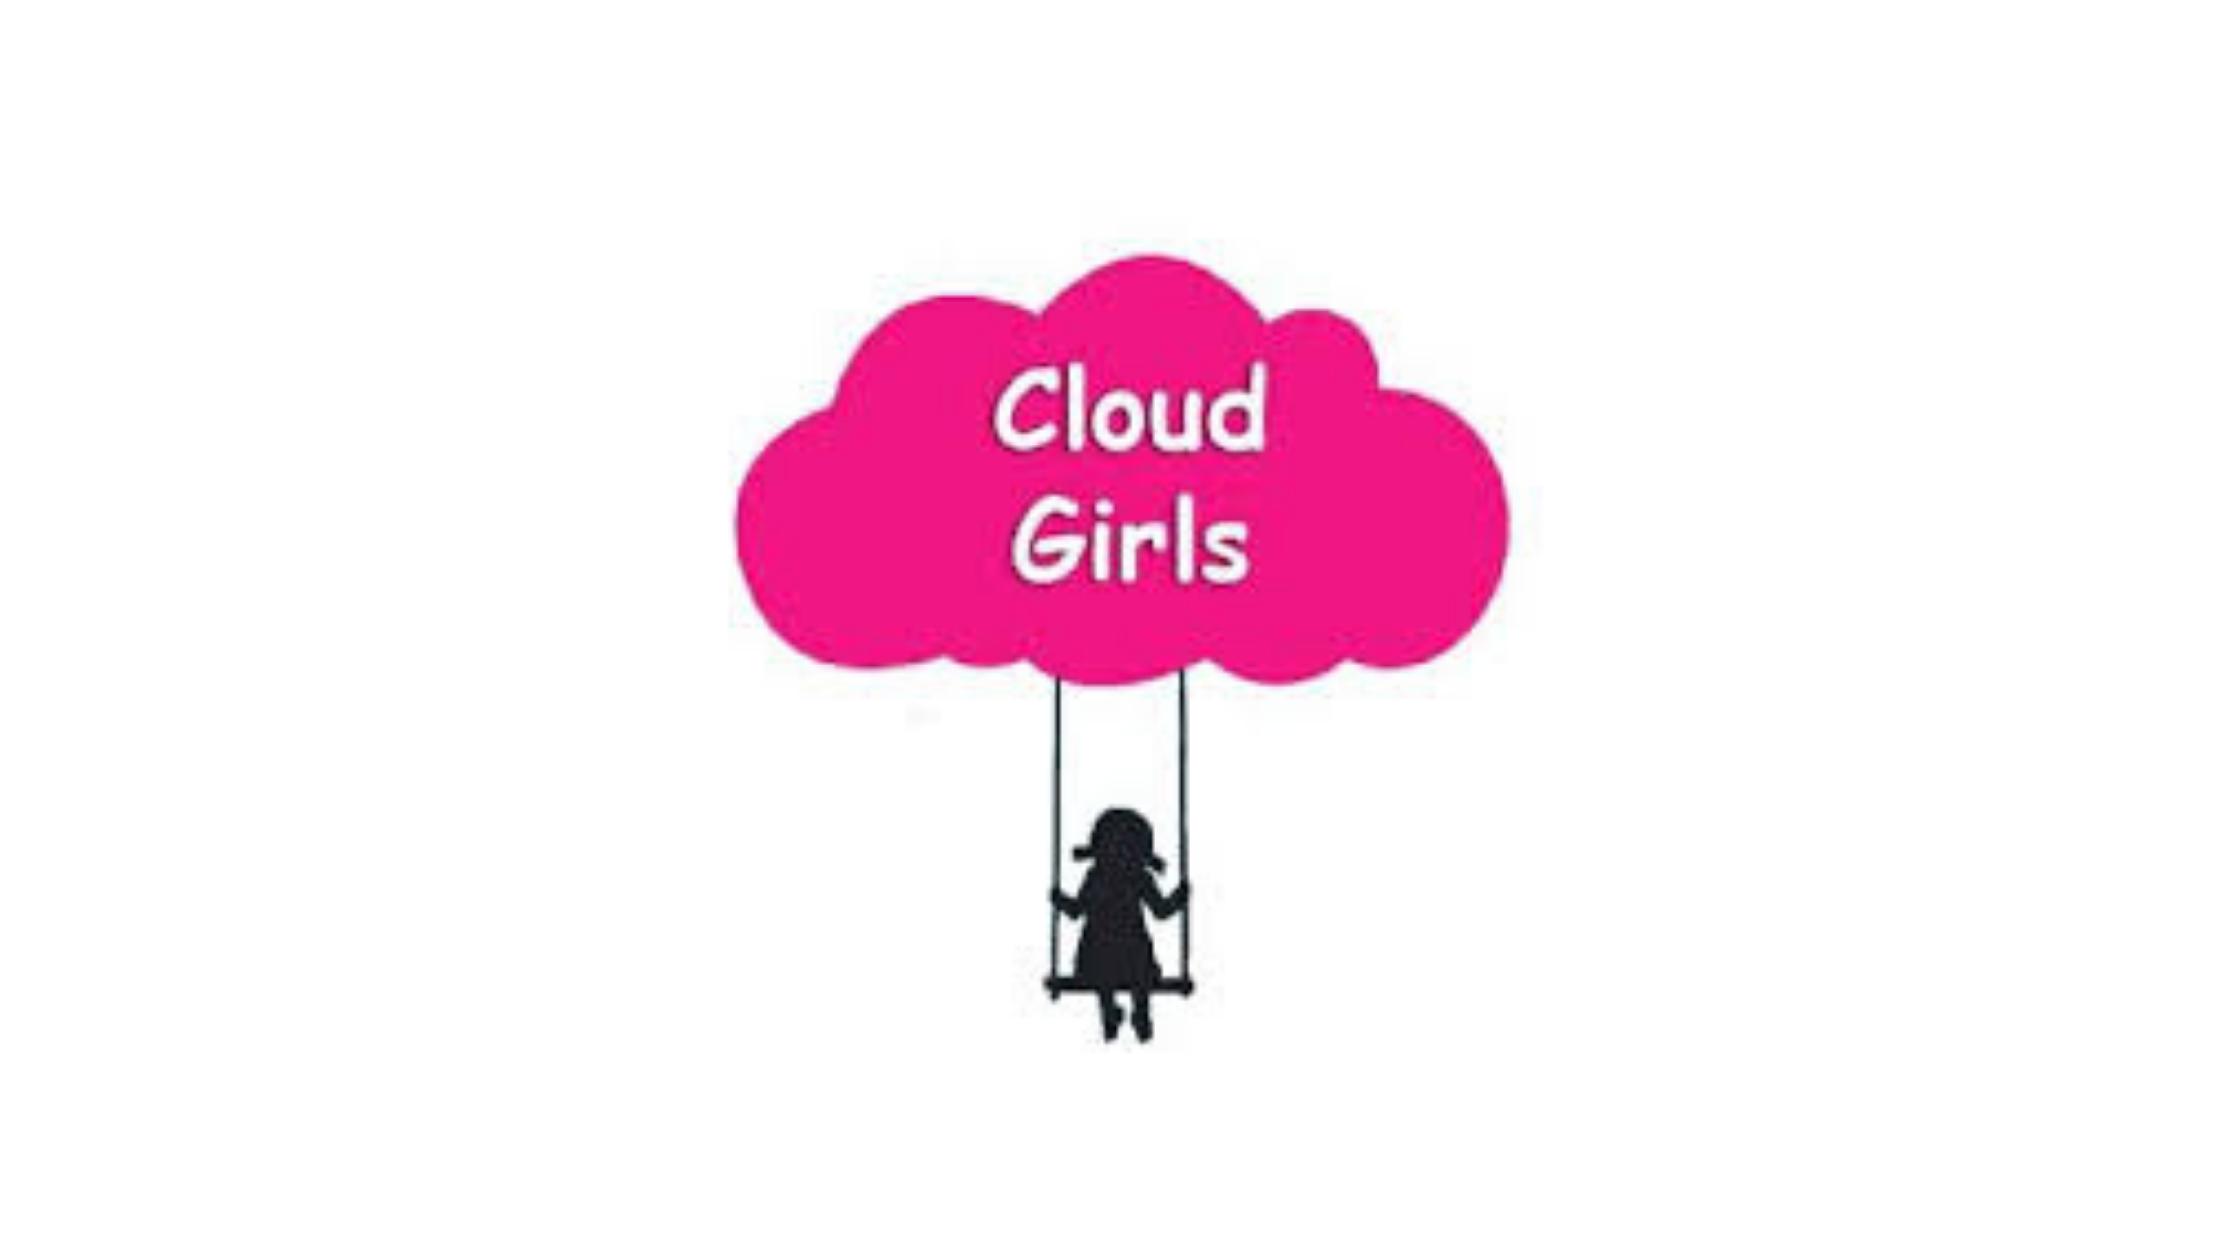 Cloud Girls